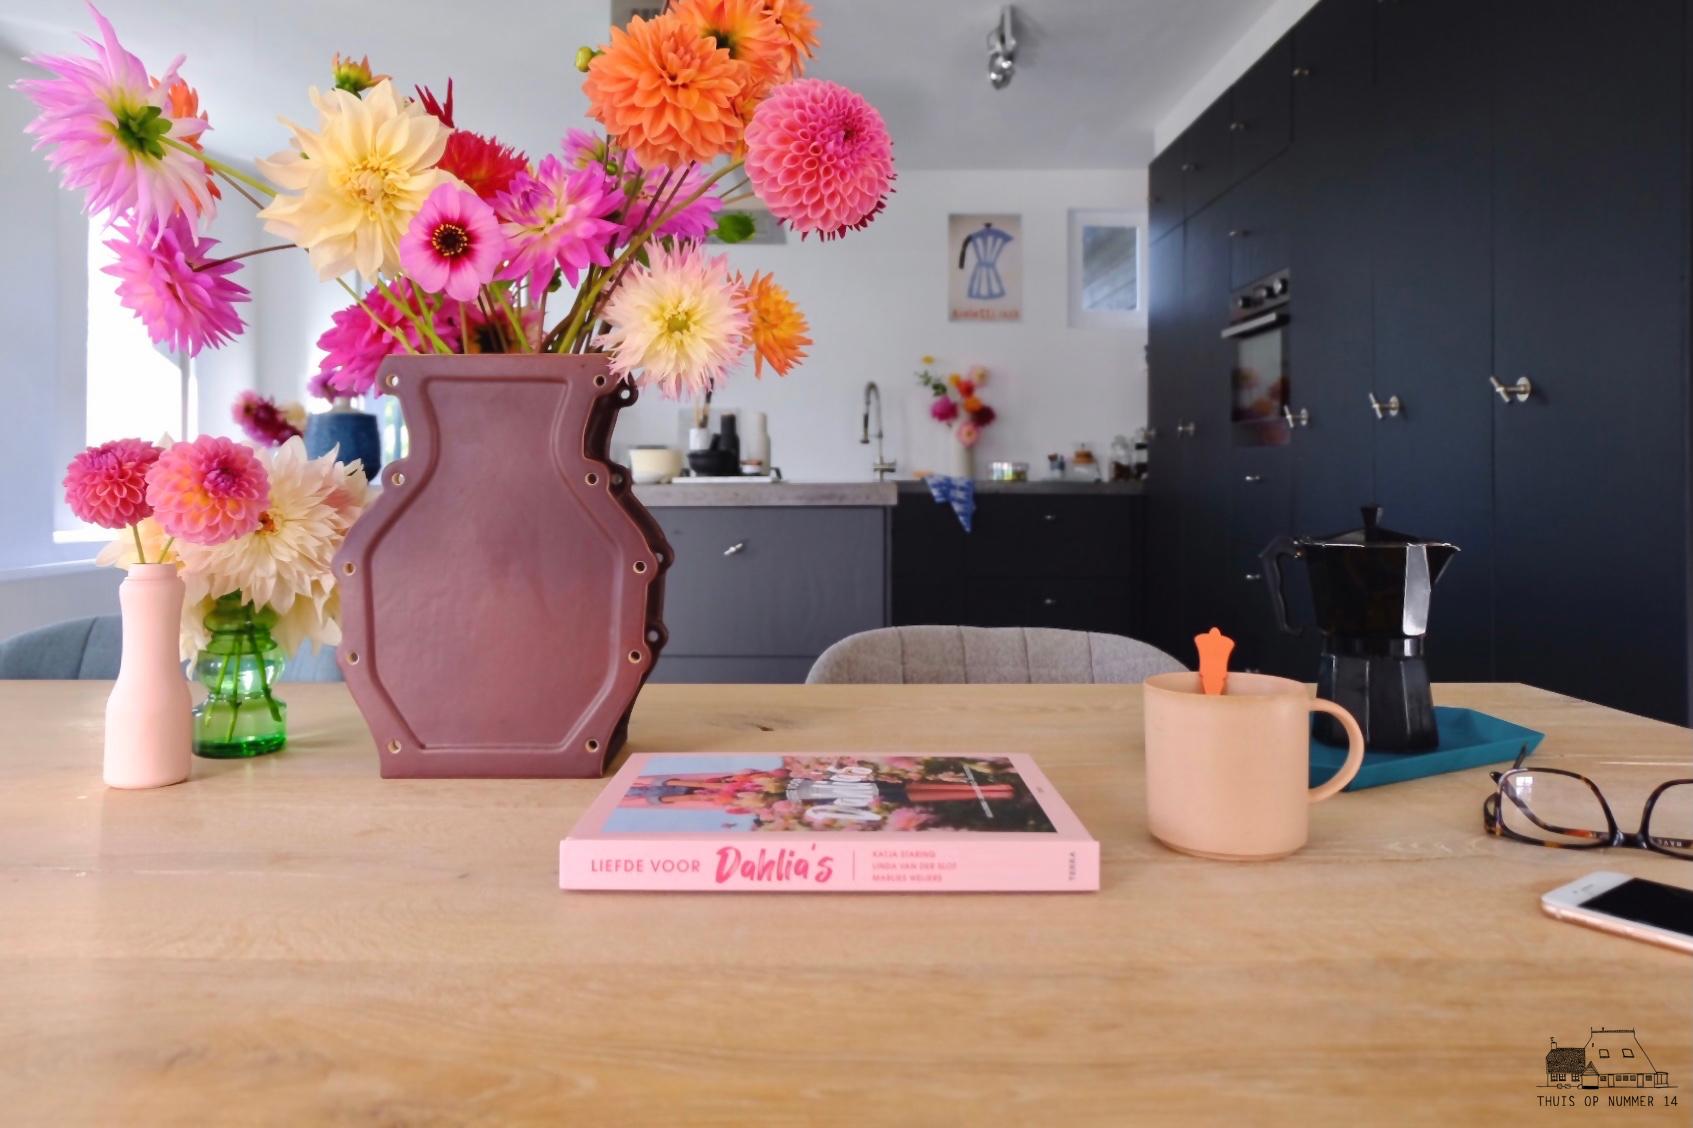 Liefde voor Dahlia's, het koffietafelboek.